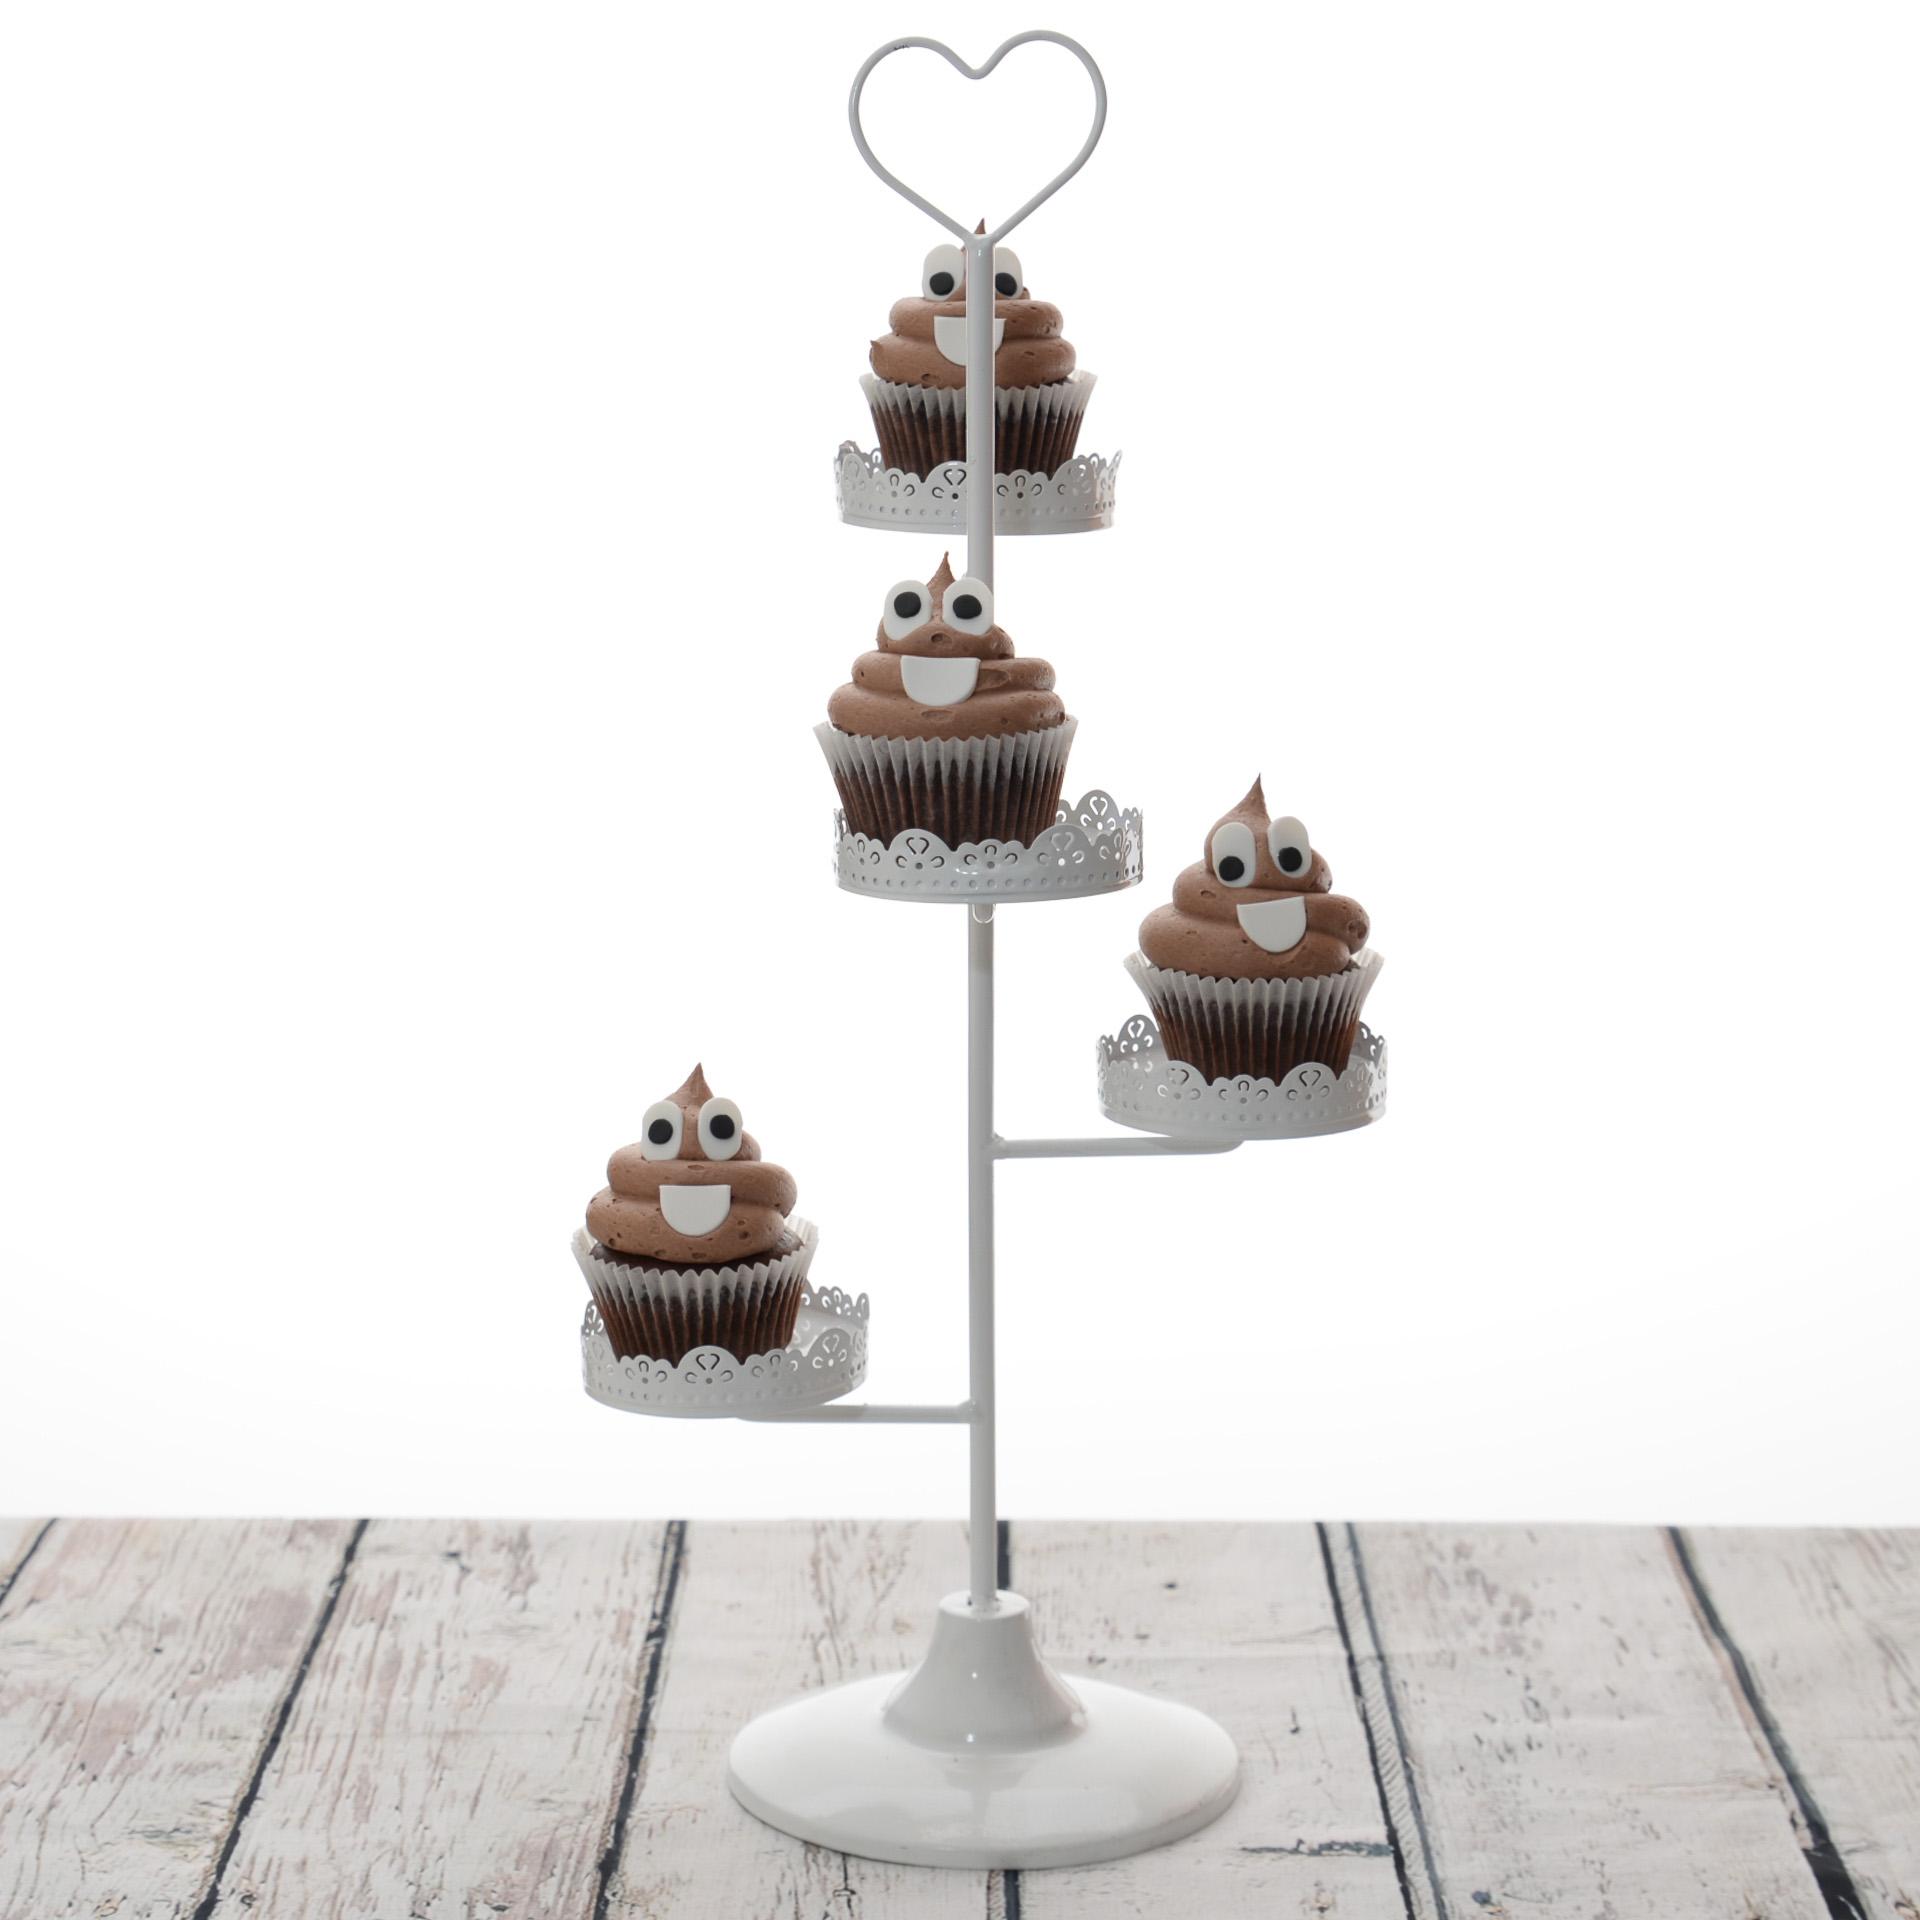 Poop-Emoticon-cupcakes.jpg